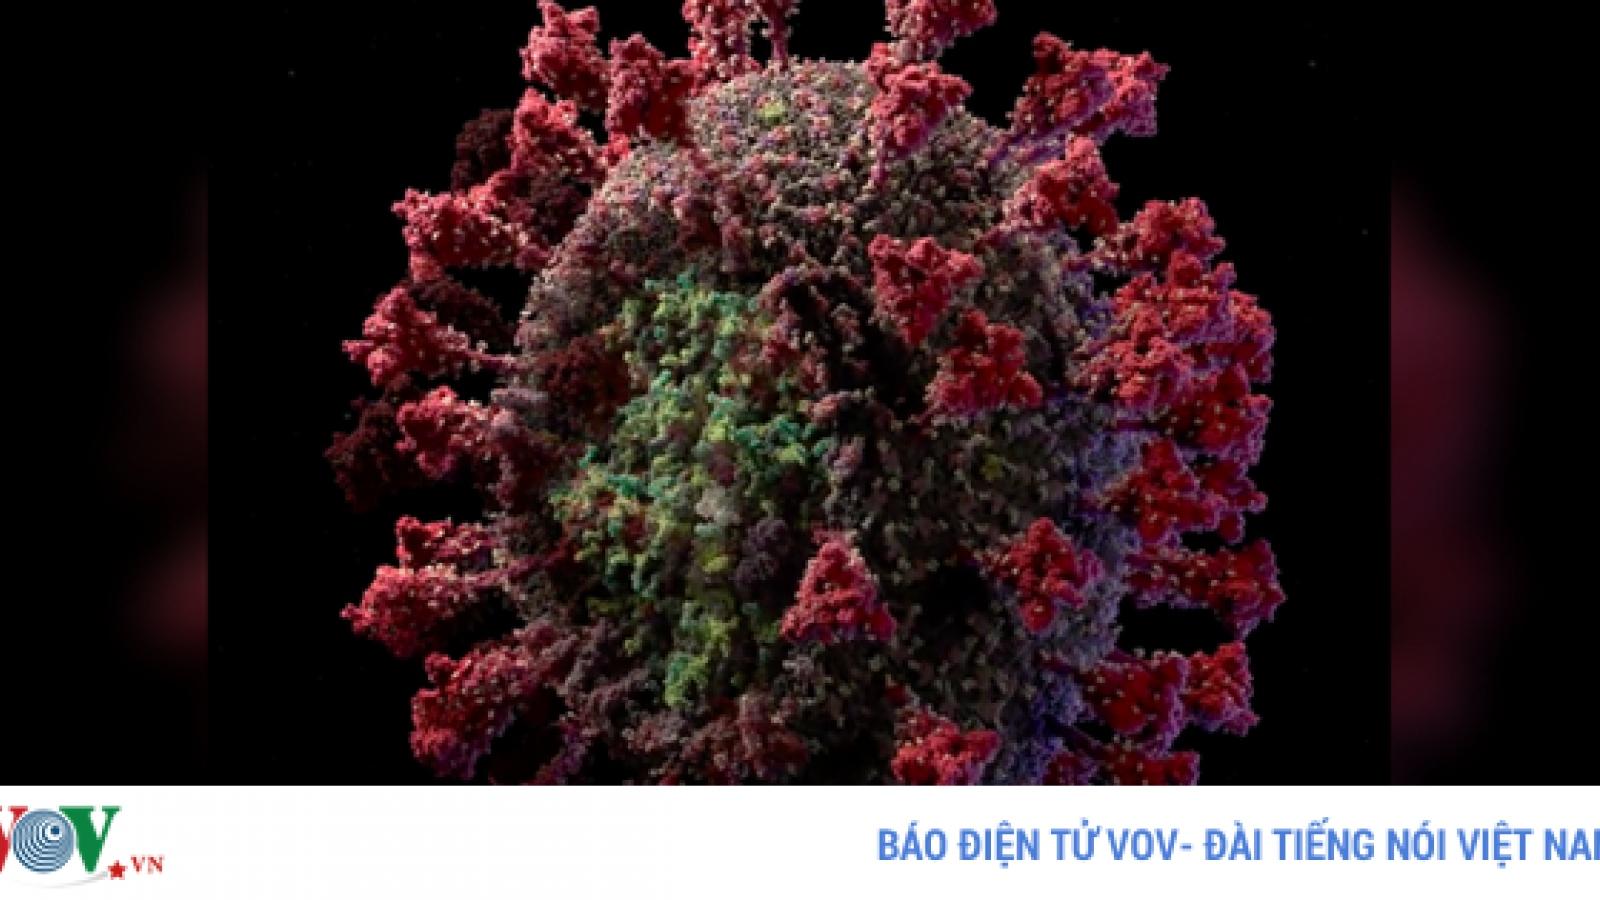 Video: Cận cảnh ở cấp độ nguyên tử SARS-CoV-2, chi tiết đến khó tin